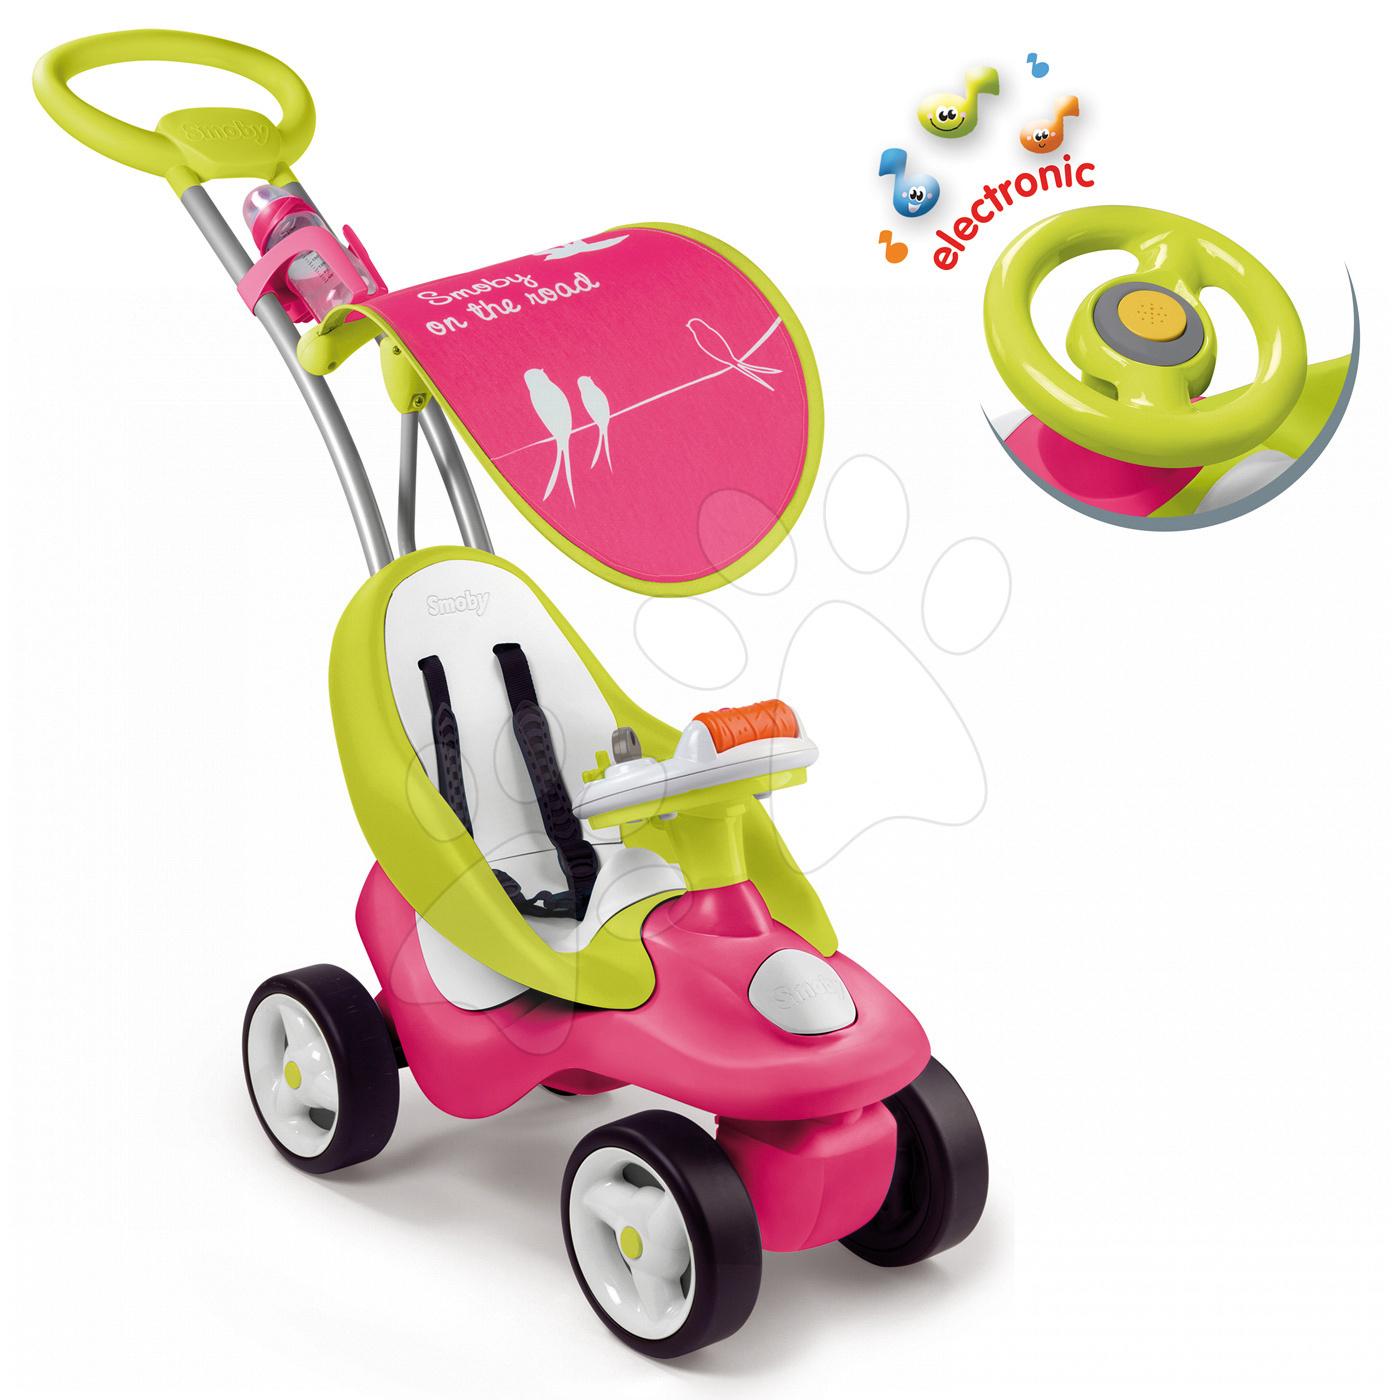 Babytaxiu Bubble Go Smoby cu parasolar şi cu volan electronic roz-verde de la 6 luni